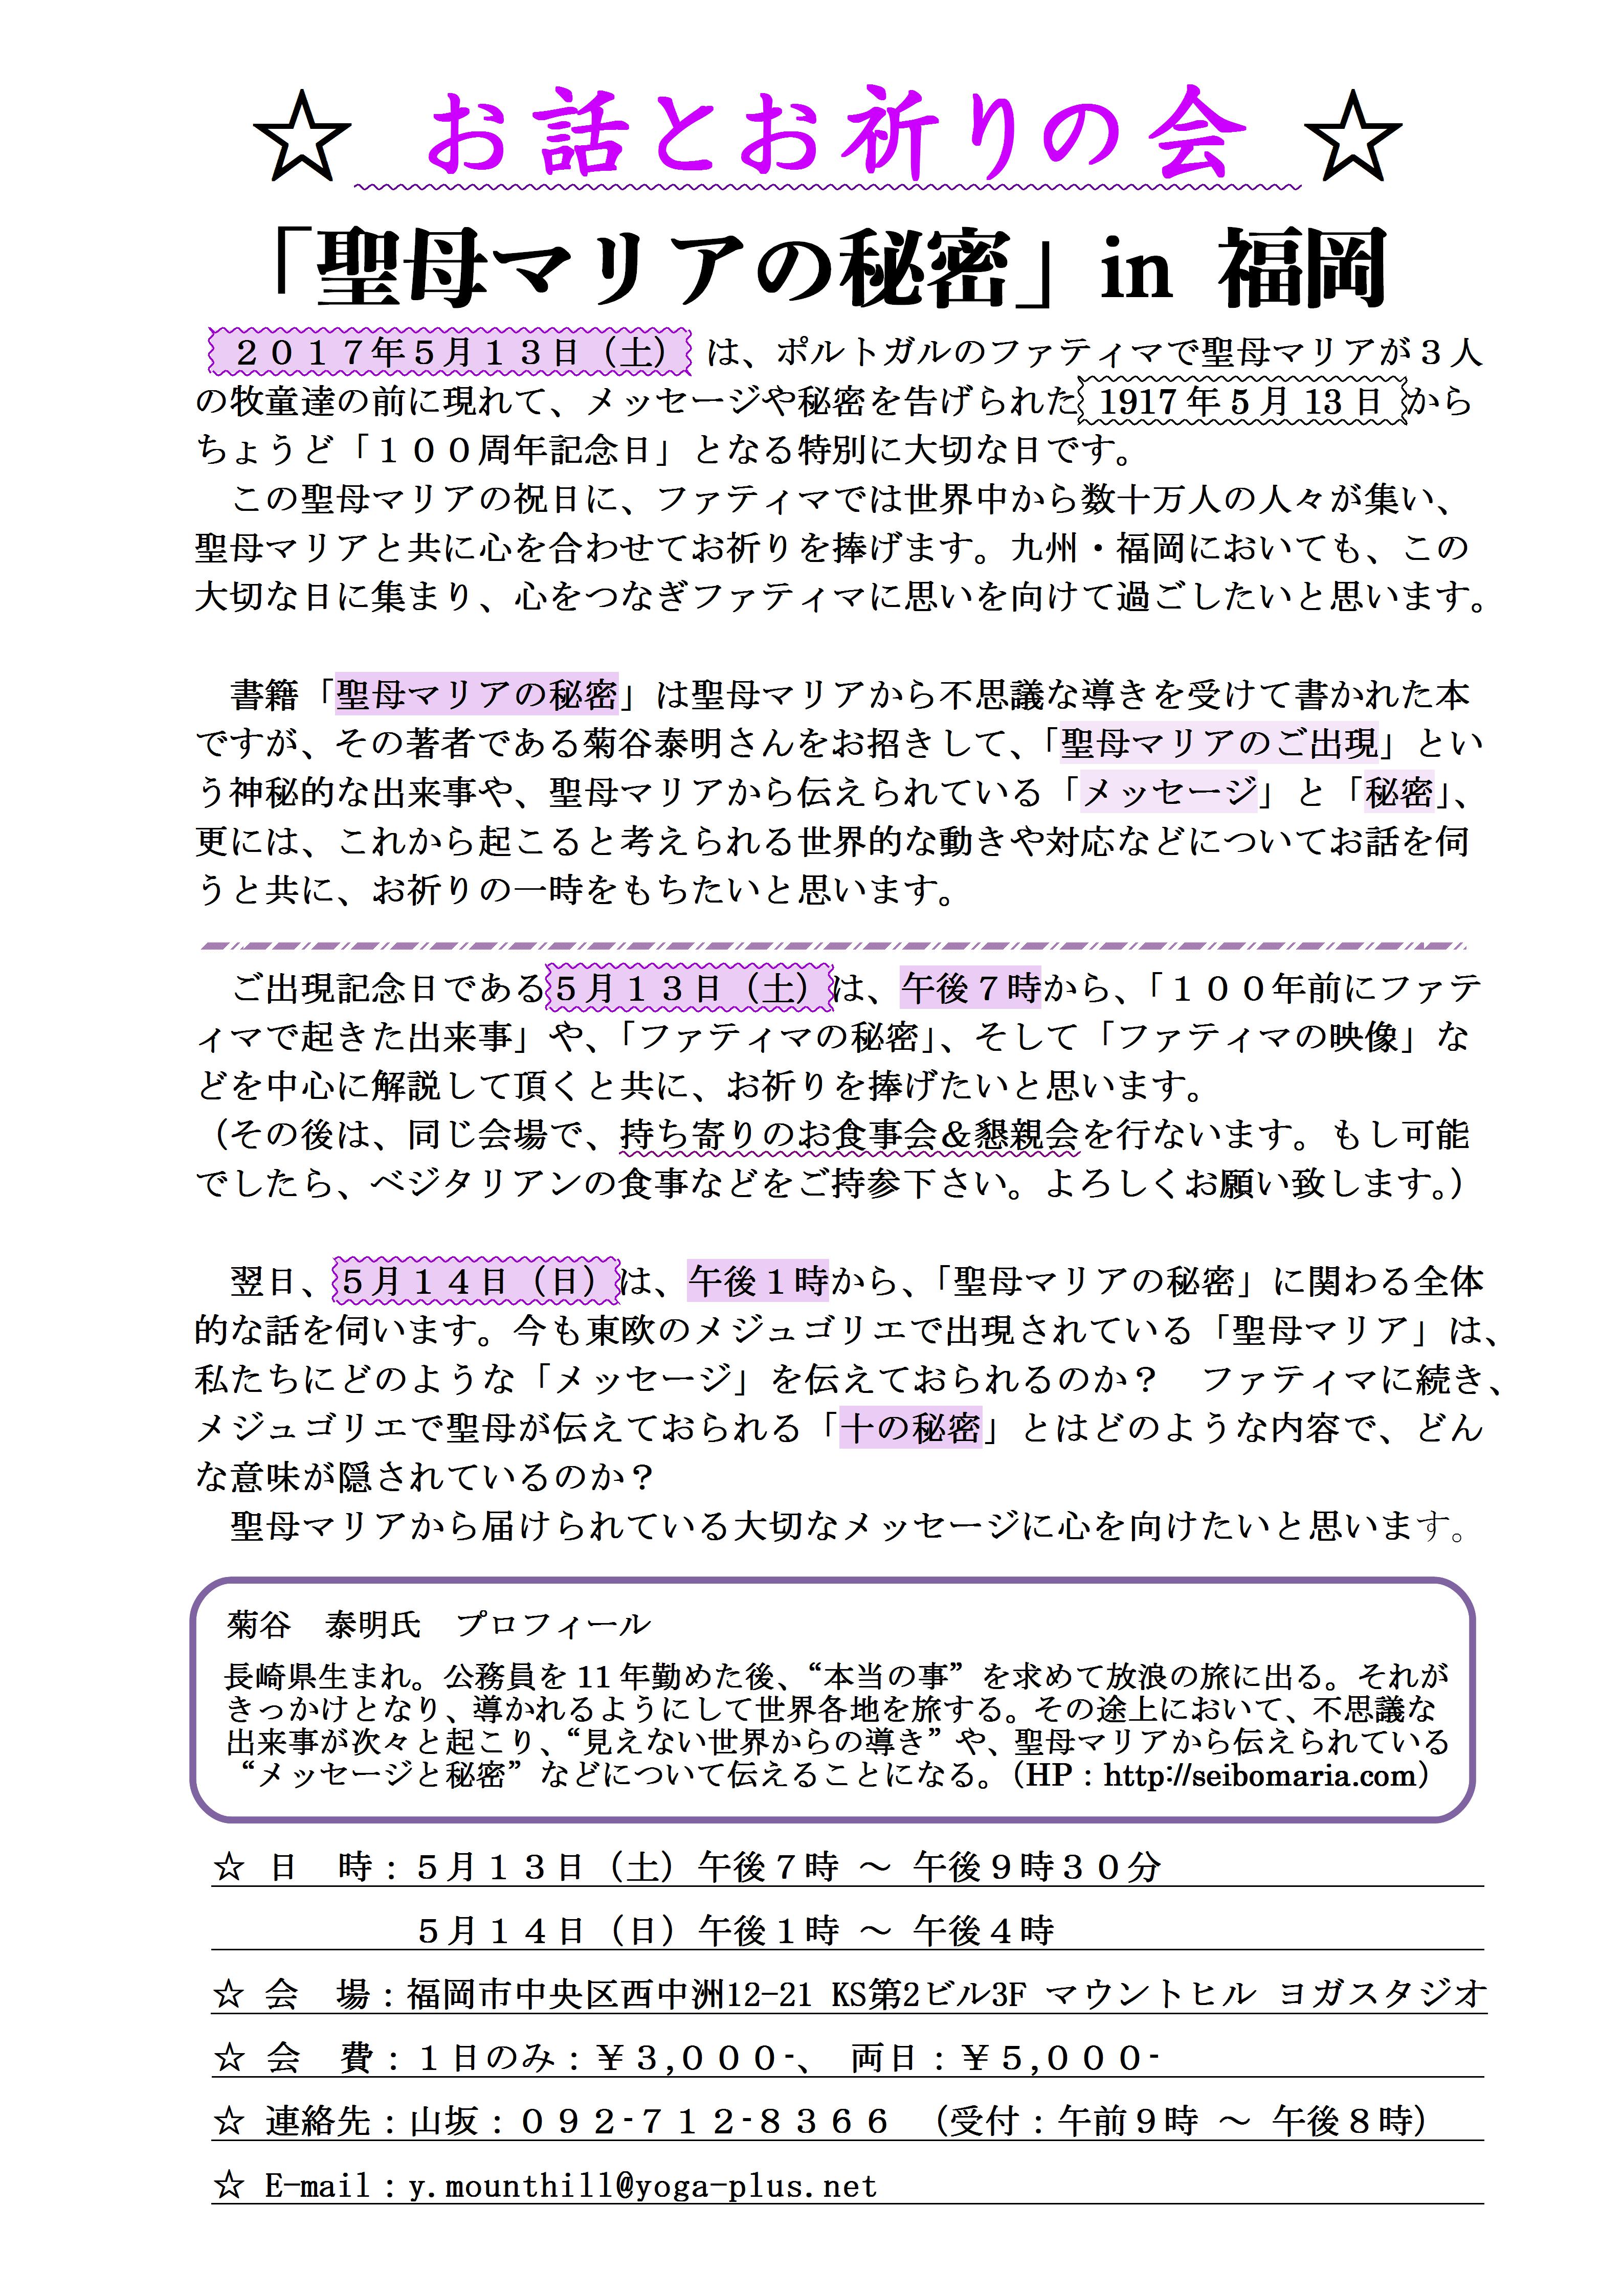 「お話とお祈りの会」in 福岡 page1.png